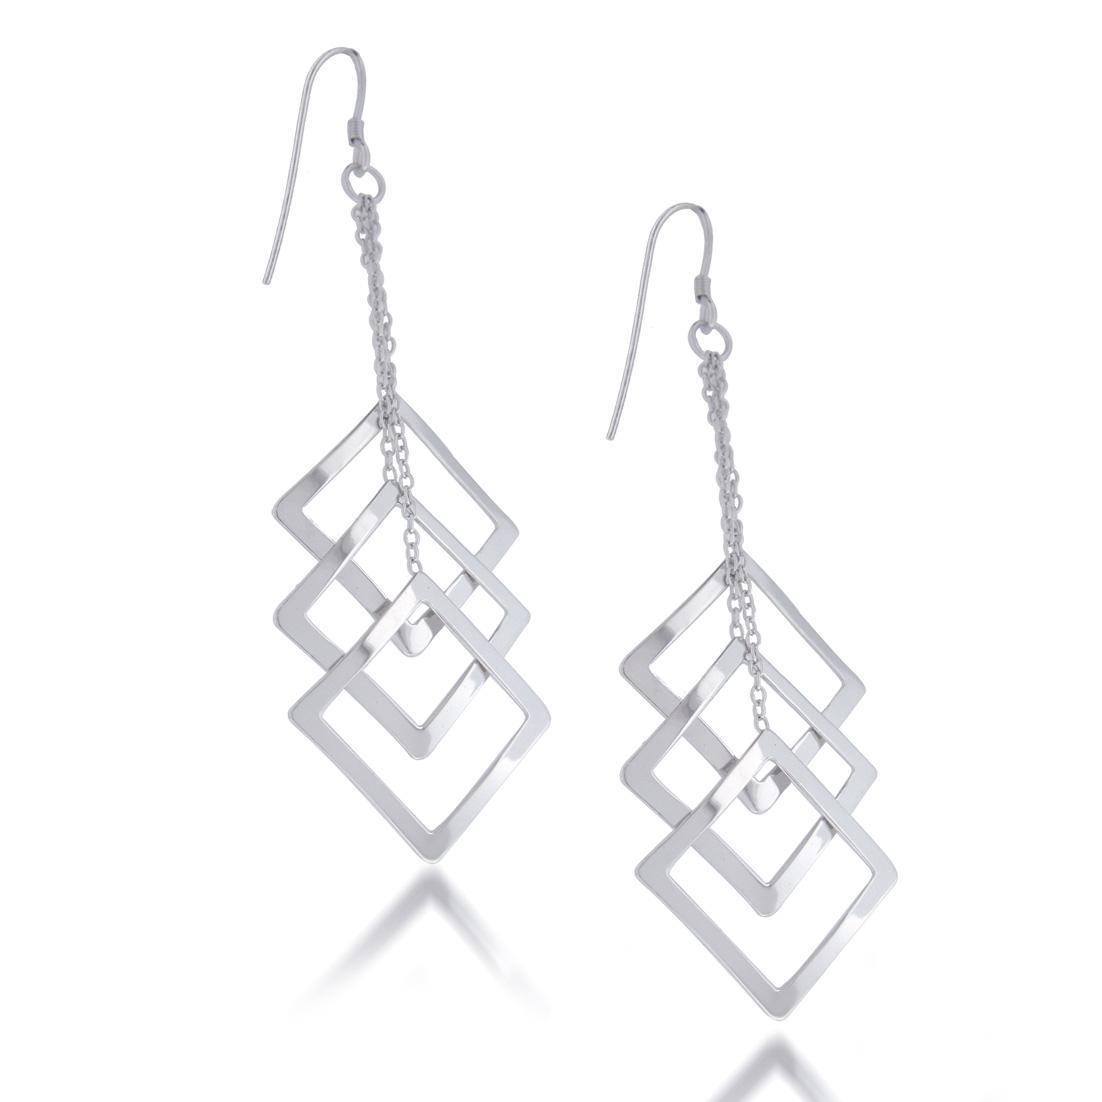 cf69cb3efe51 Preciosos aretes compuestos de tres cuadrados de plata unidos al gancho con  delicadas cadenillas de plata de largos diferentes para conseguir un look  ...